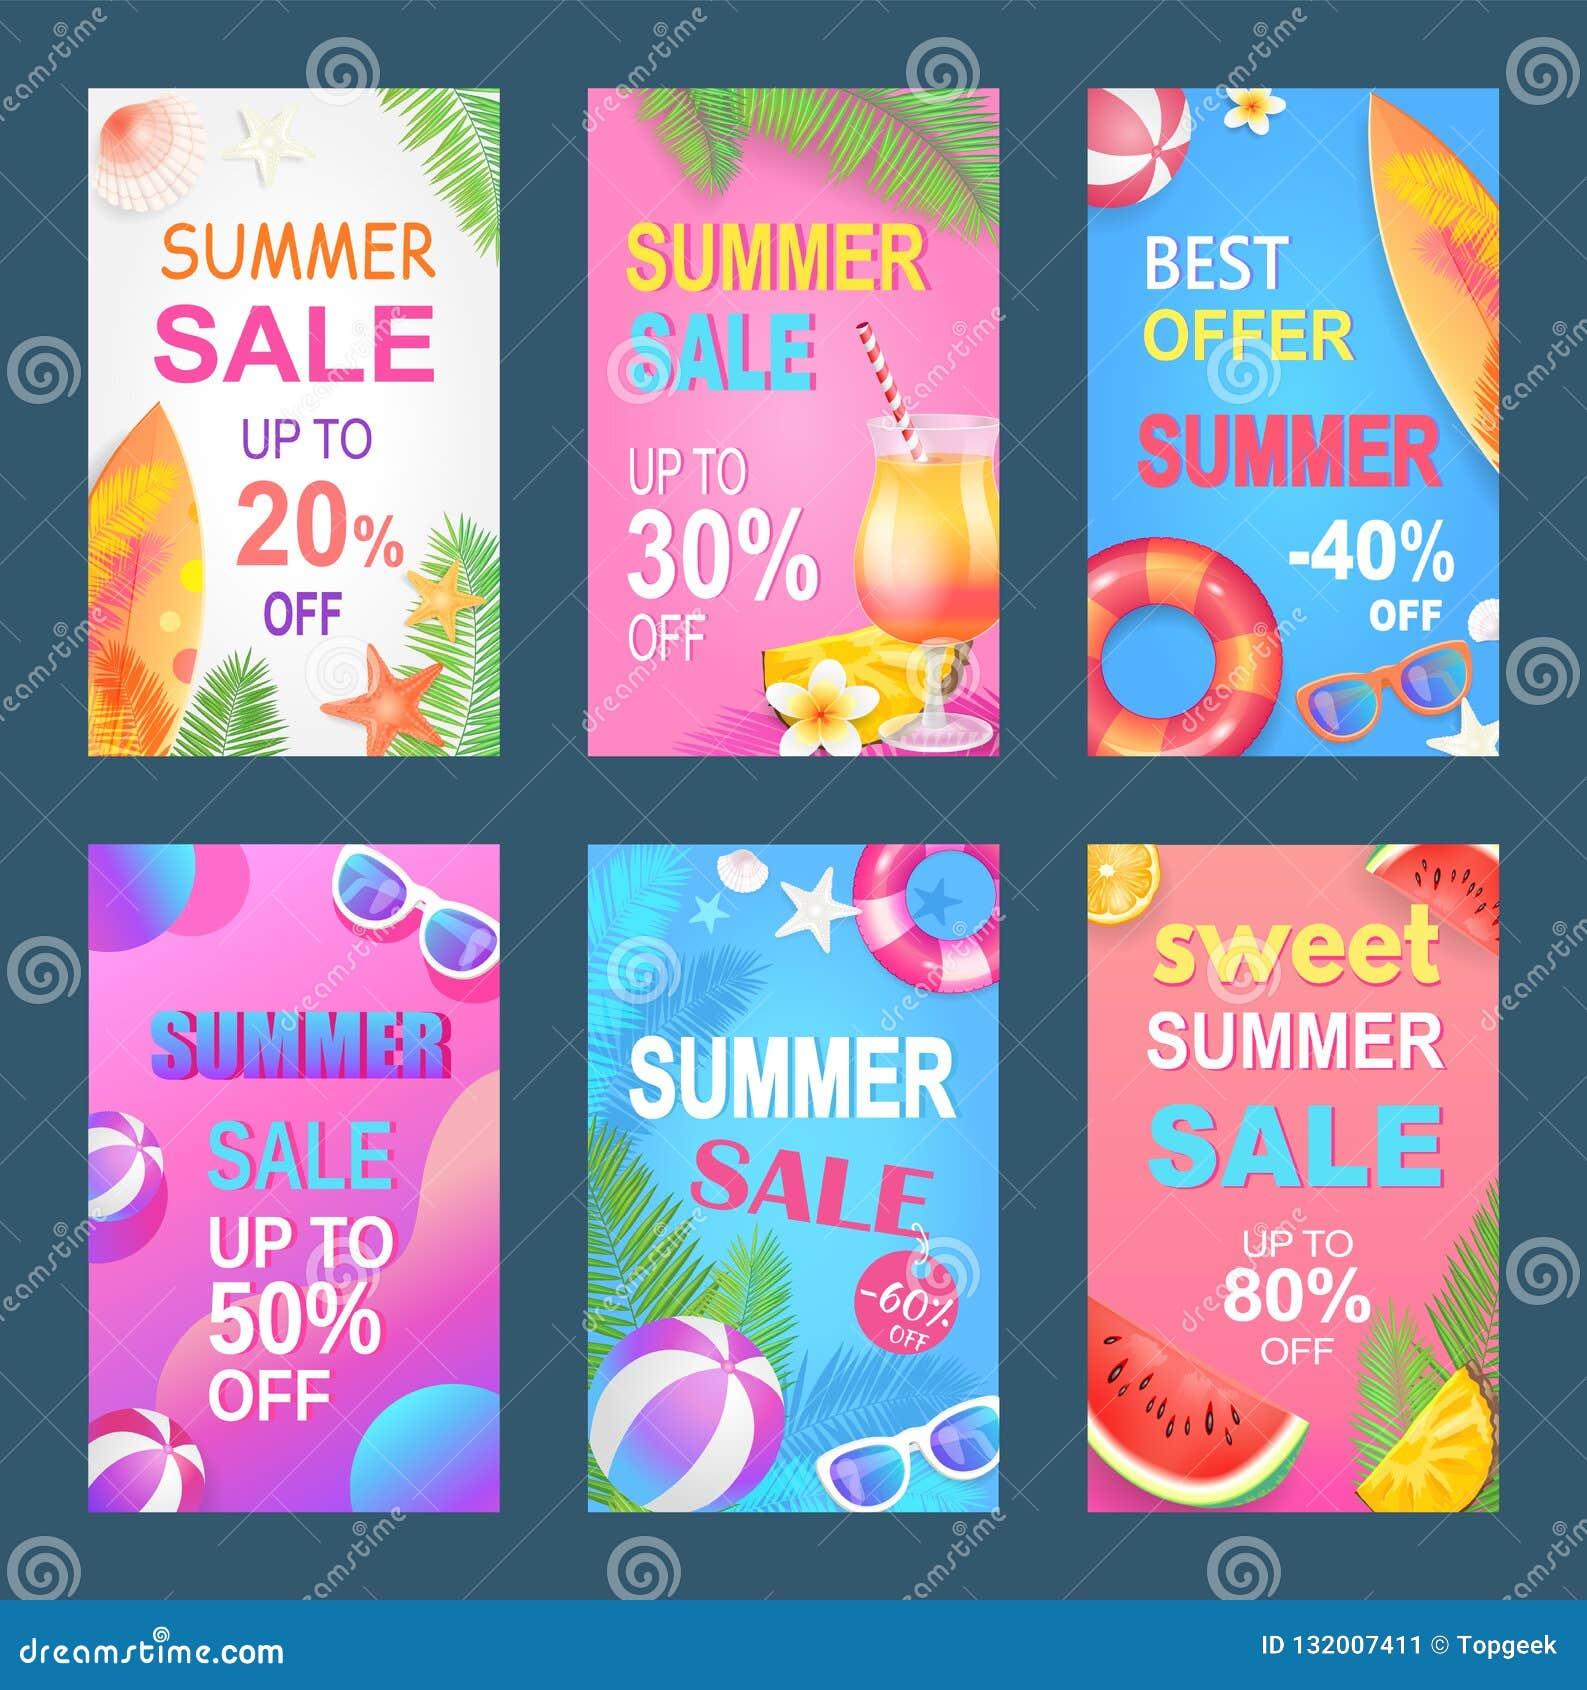 Ilustração doce do vetor do grupo do verão da melhor oferta